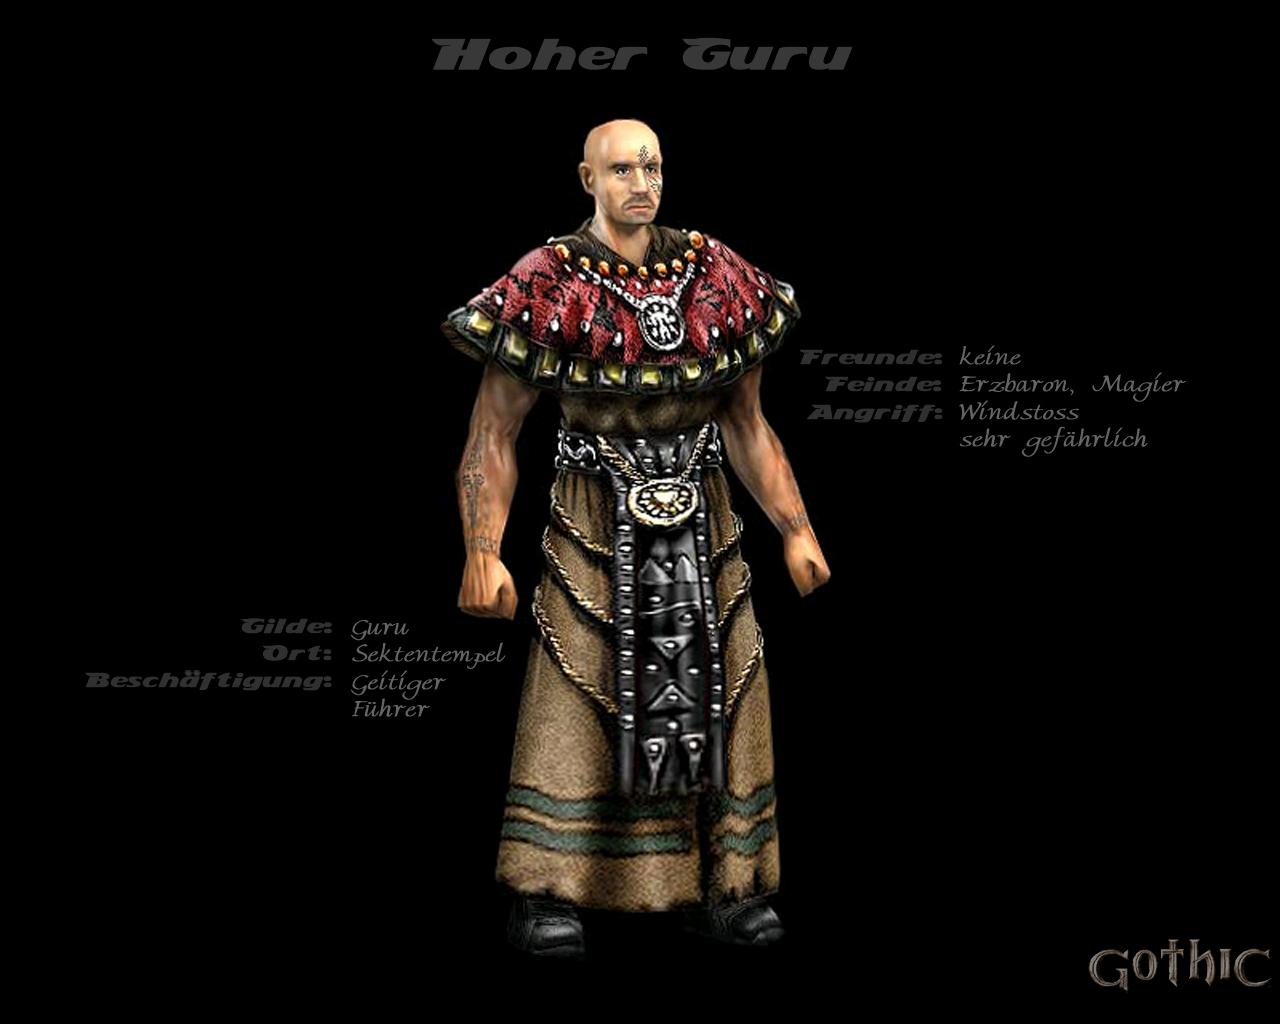 High Guru